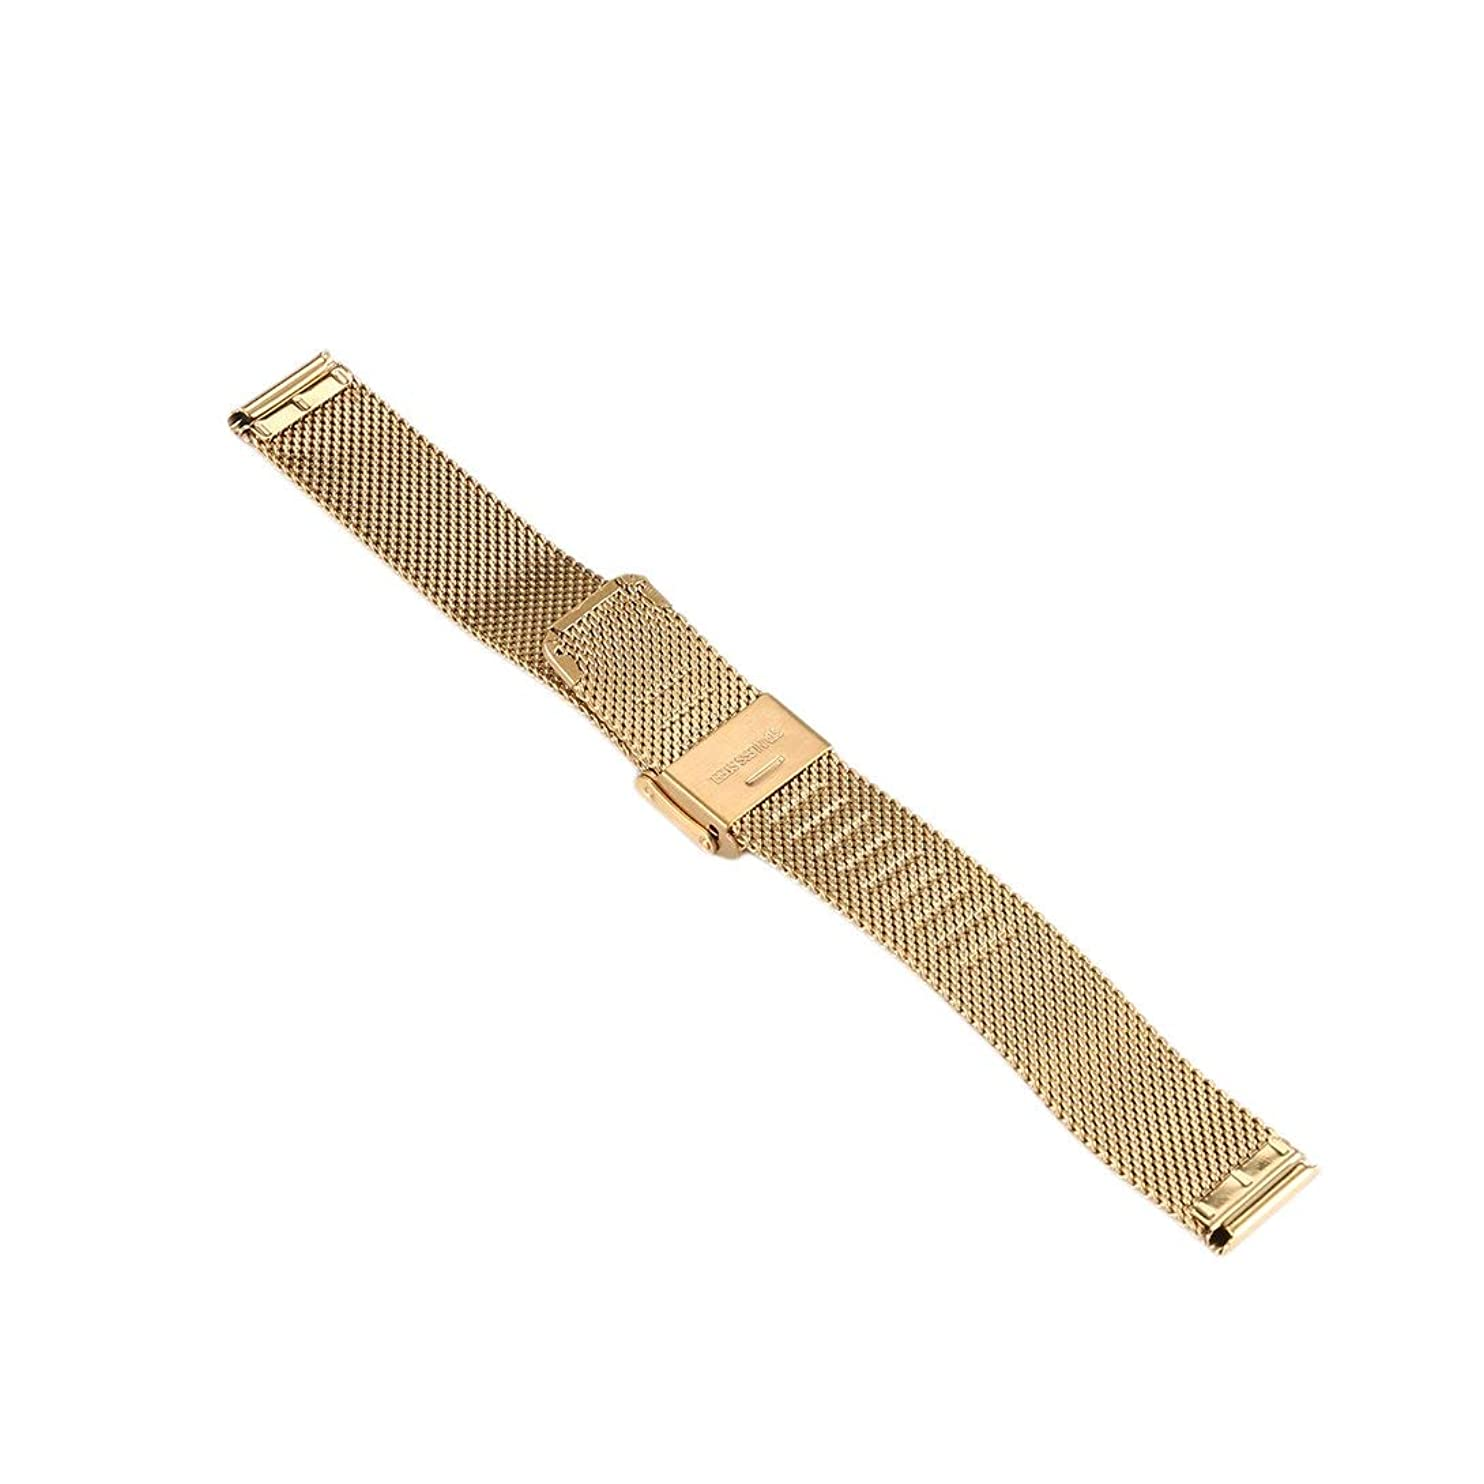 算術先史時代の研究Swiftgood 16mmの贅沢な網の腕時計バンド、人および女性のためのステンレス鋼のMilaneseの時計バンドの取り替え